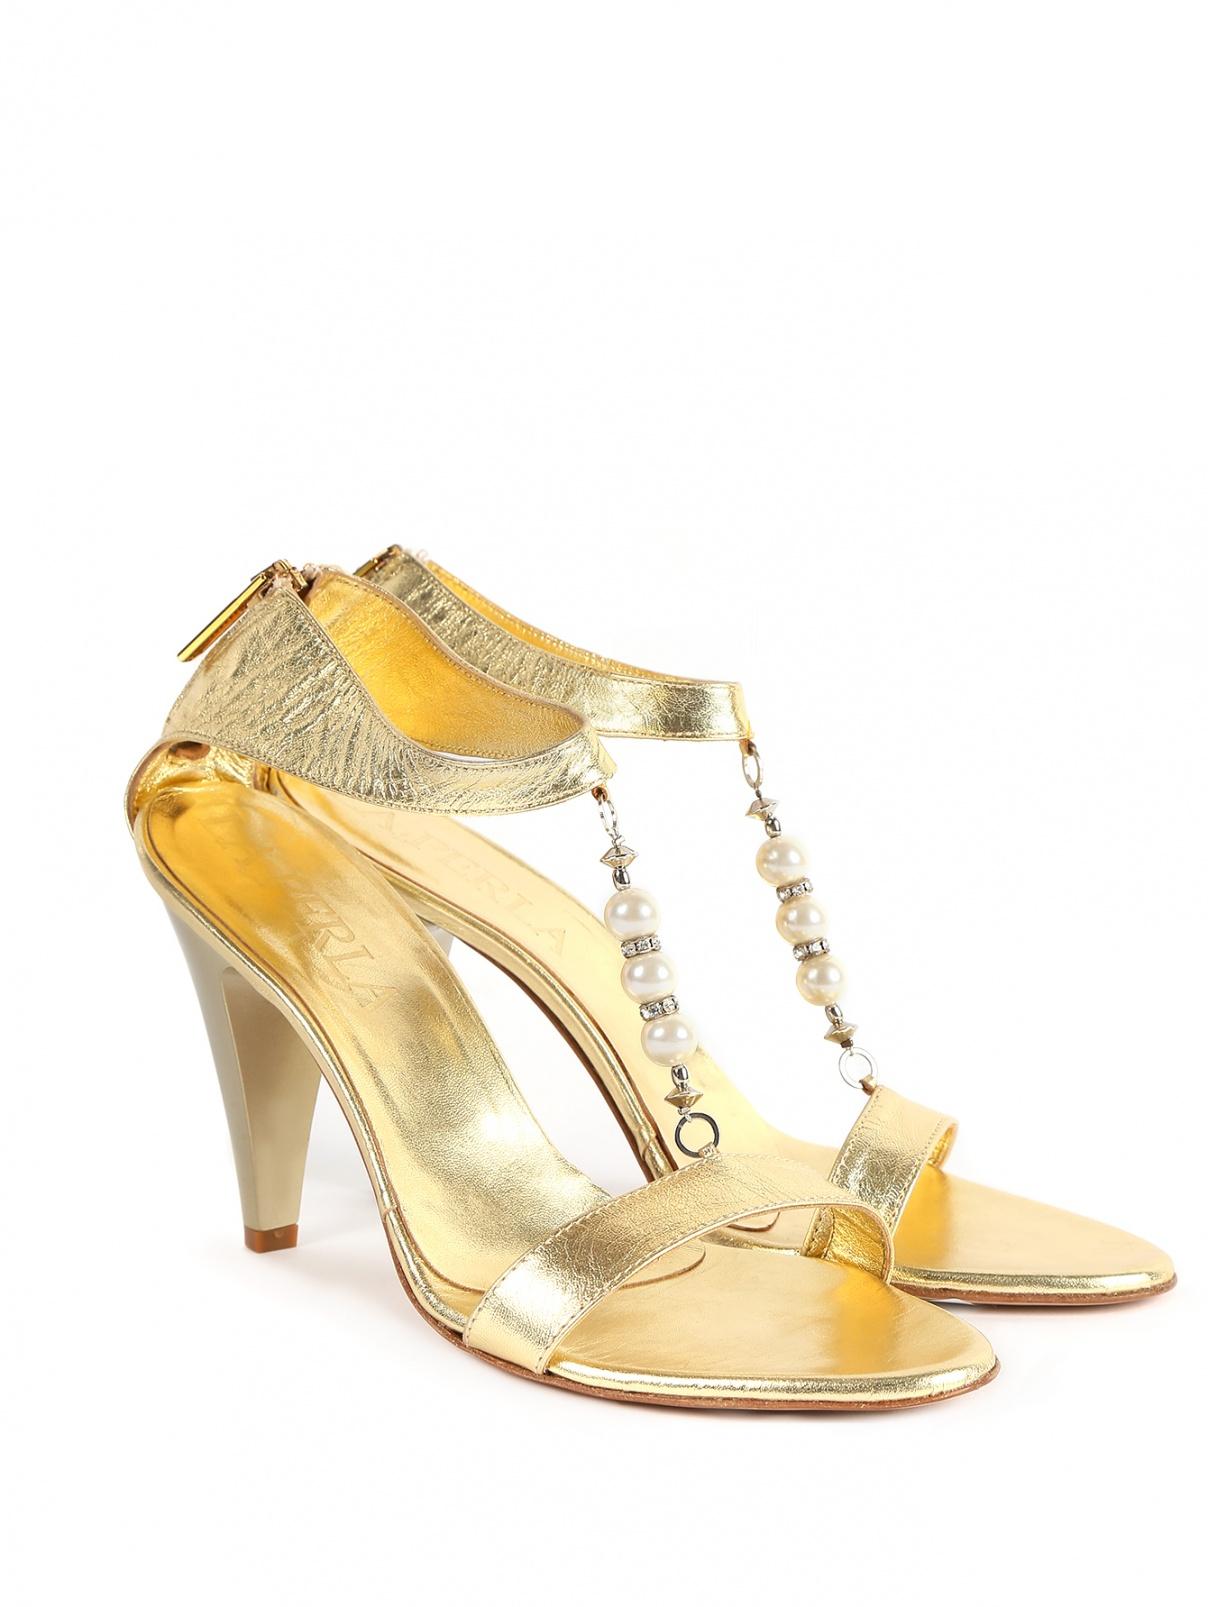 Босоножки из кожи на высоком каблуке с декором La Perla  –  Общий вид  – Цвет:  Золотой